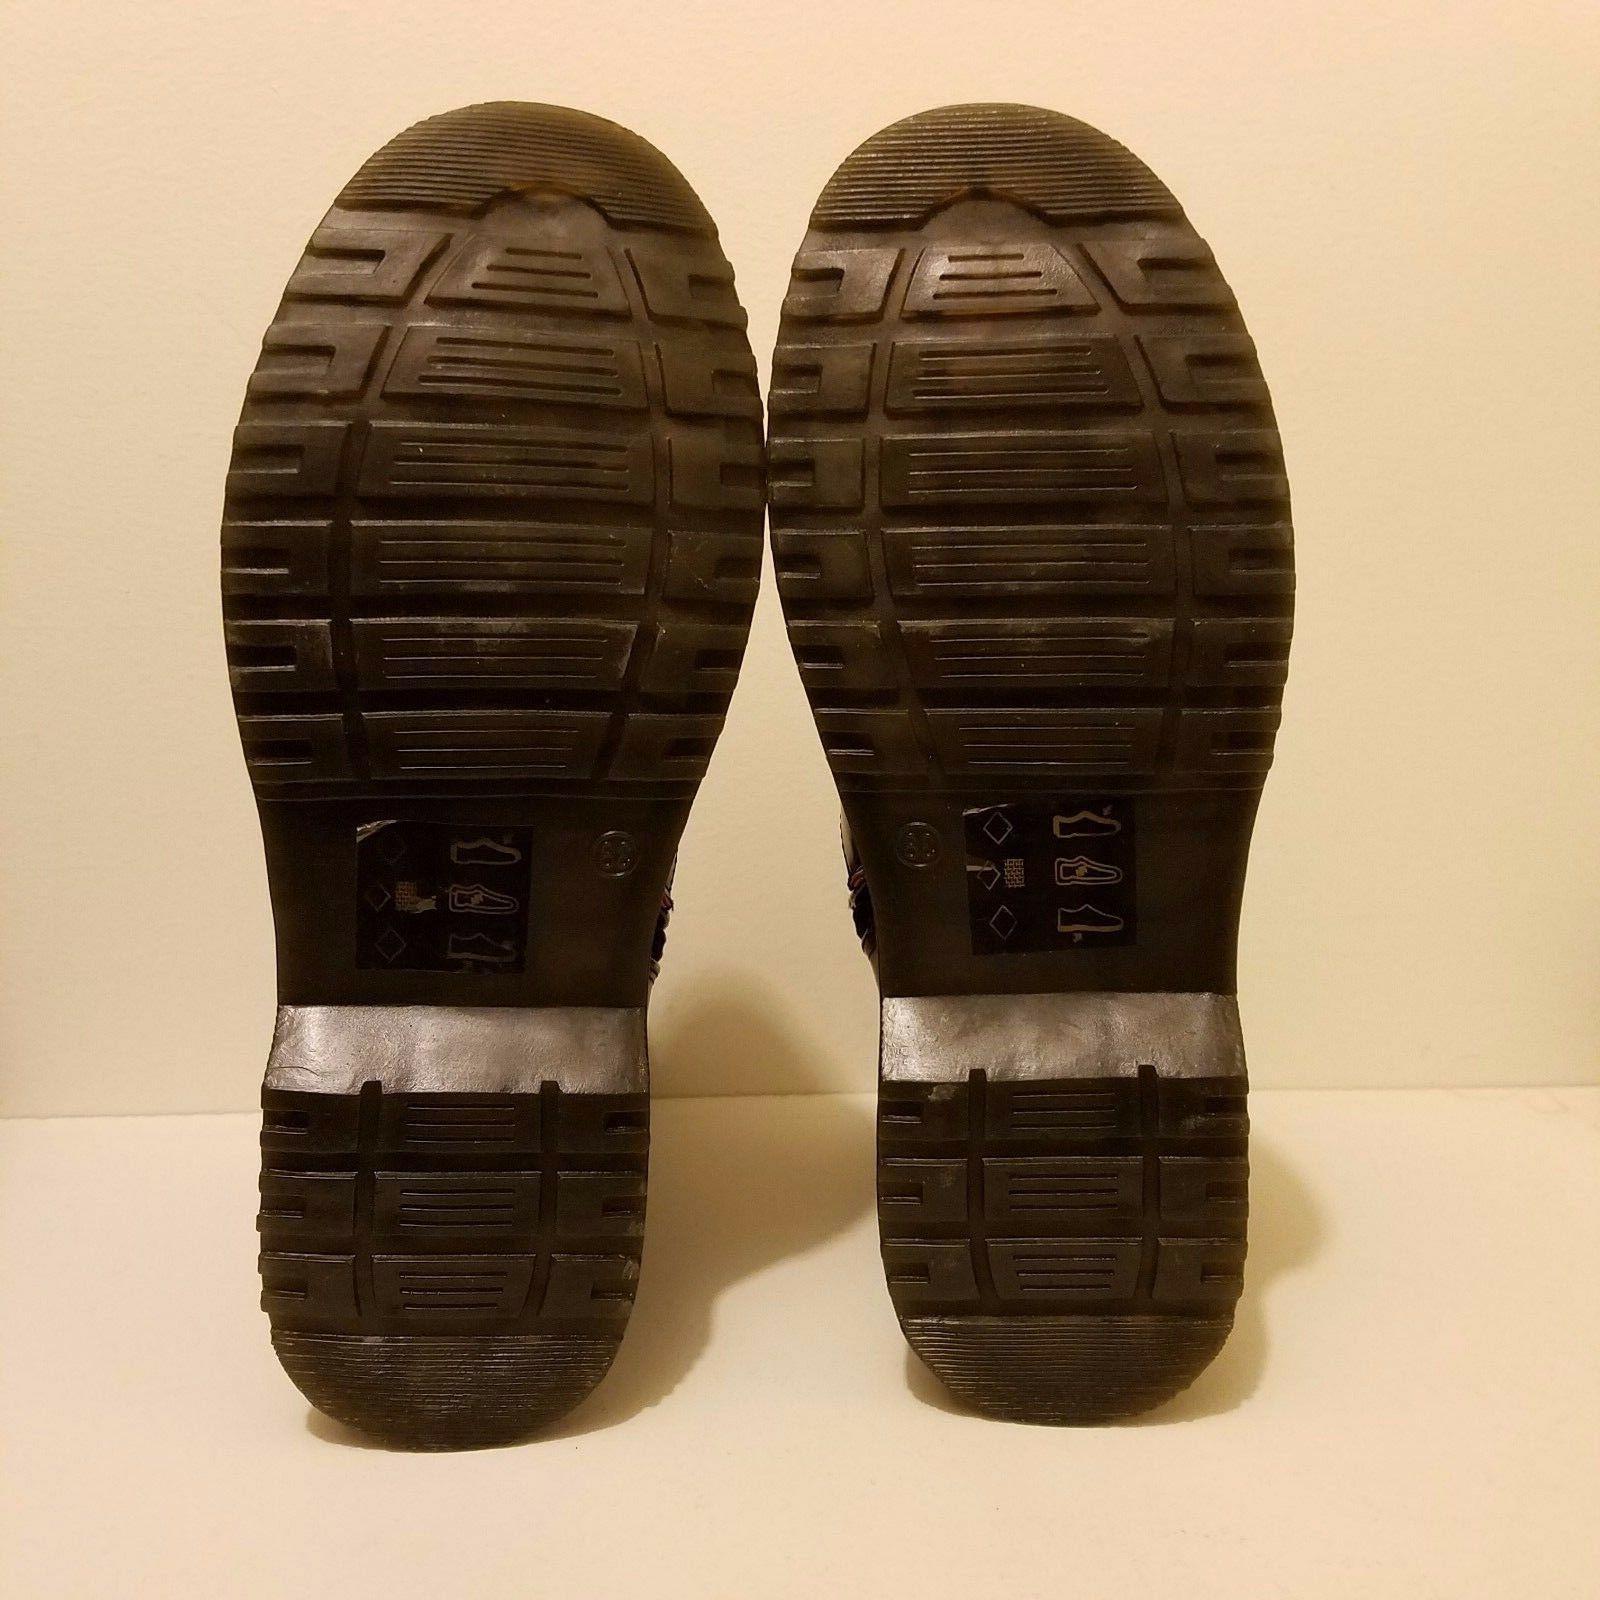 Boohoo Boots Molly Buckle